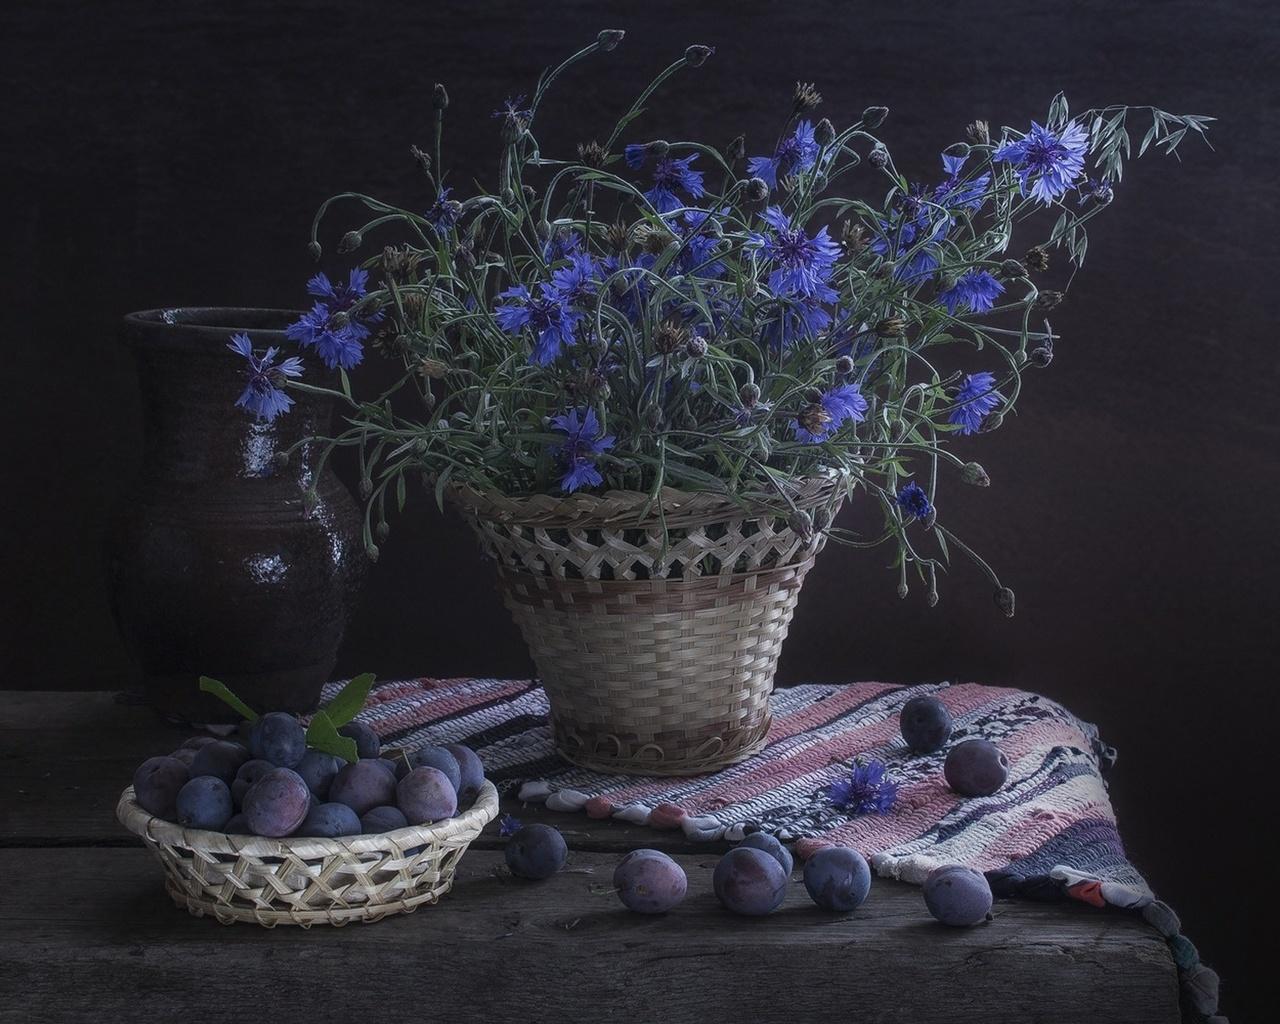 сливы, синие, васильки